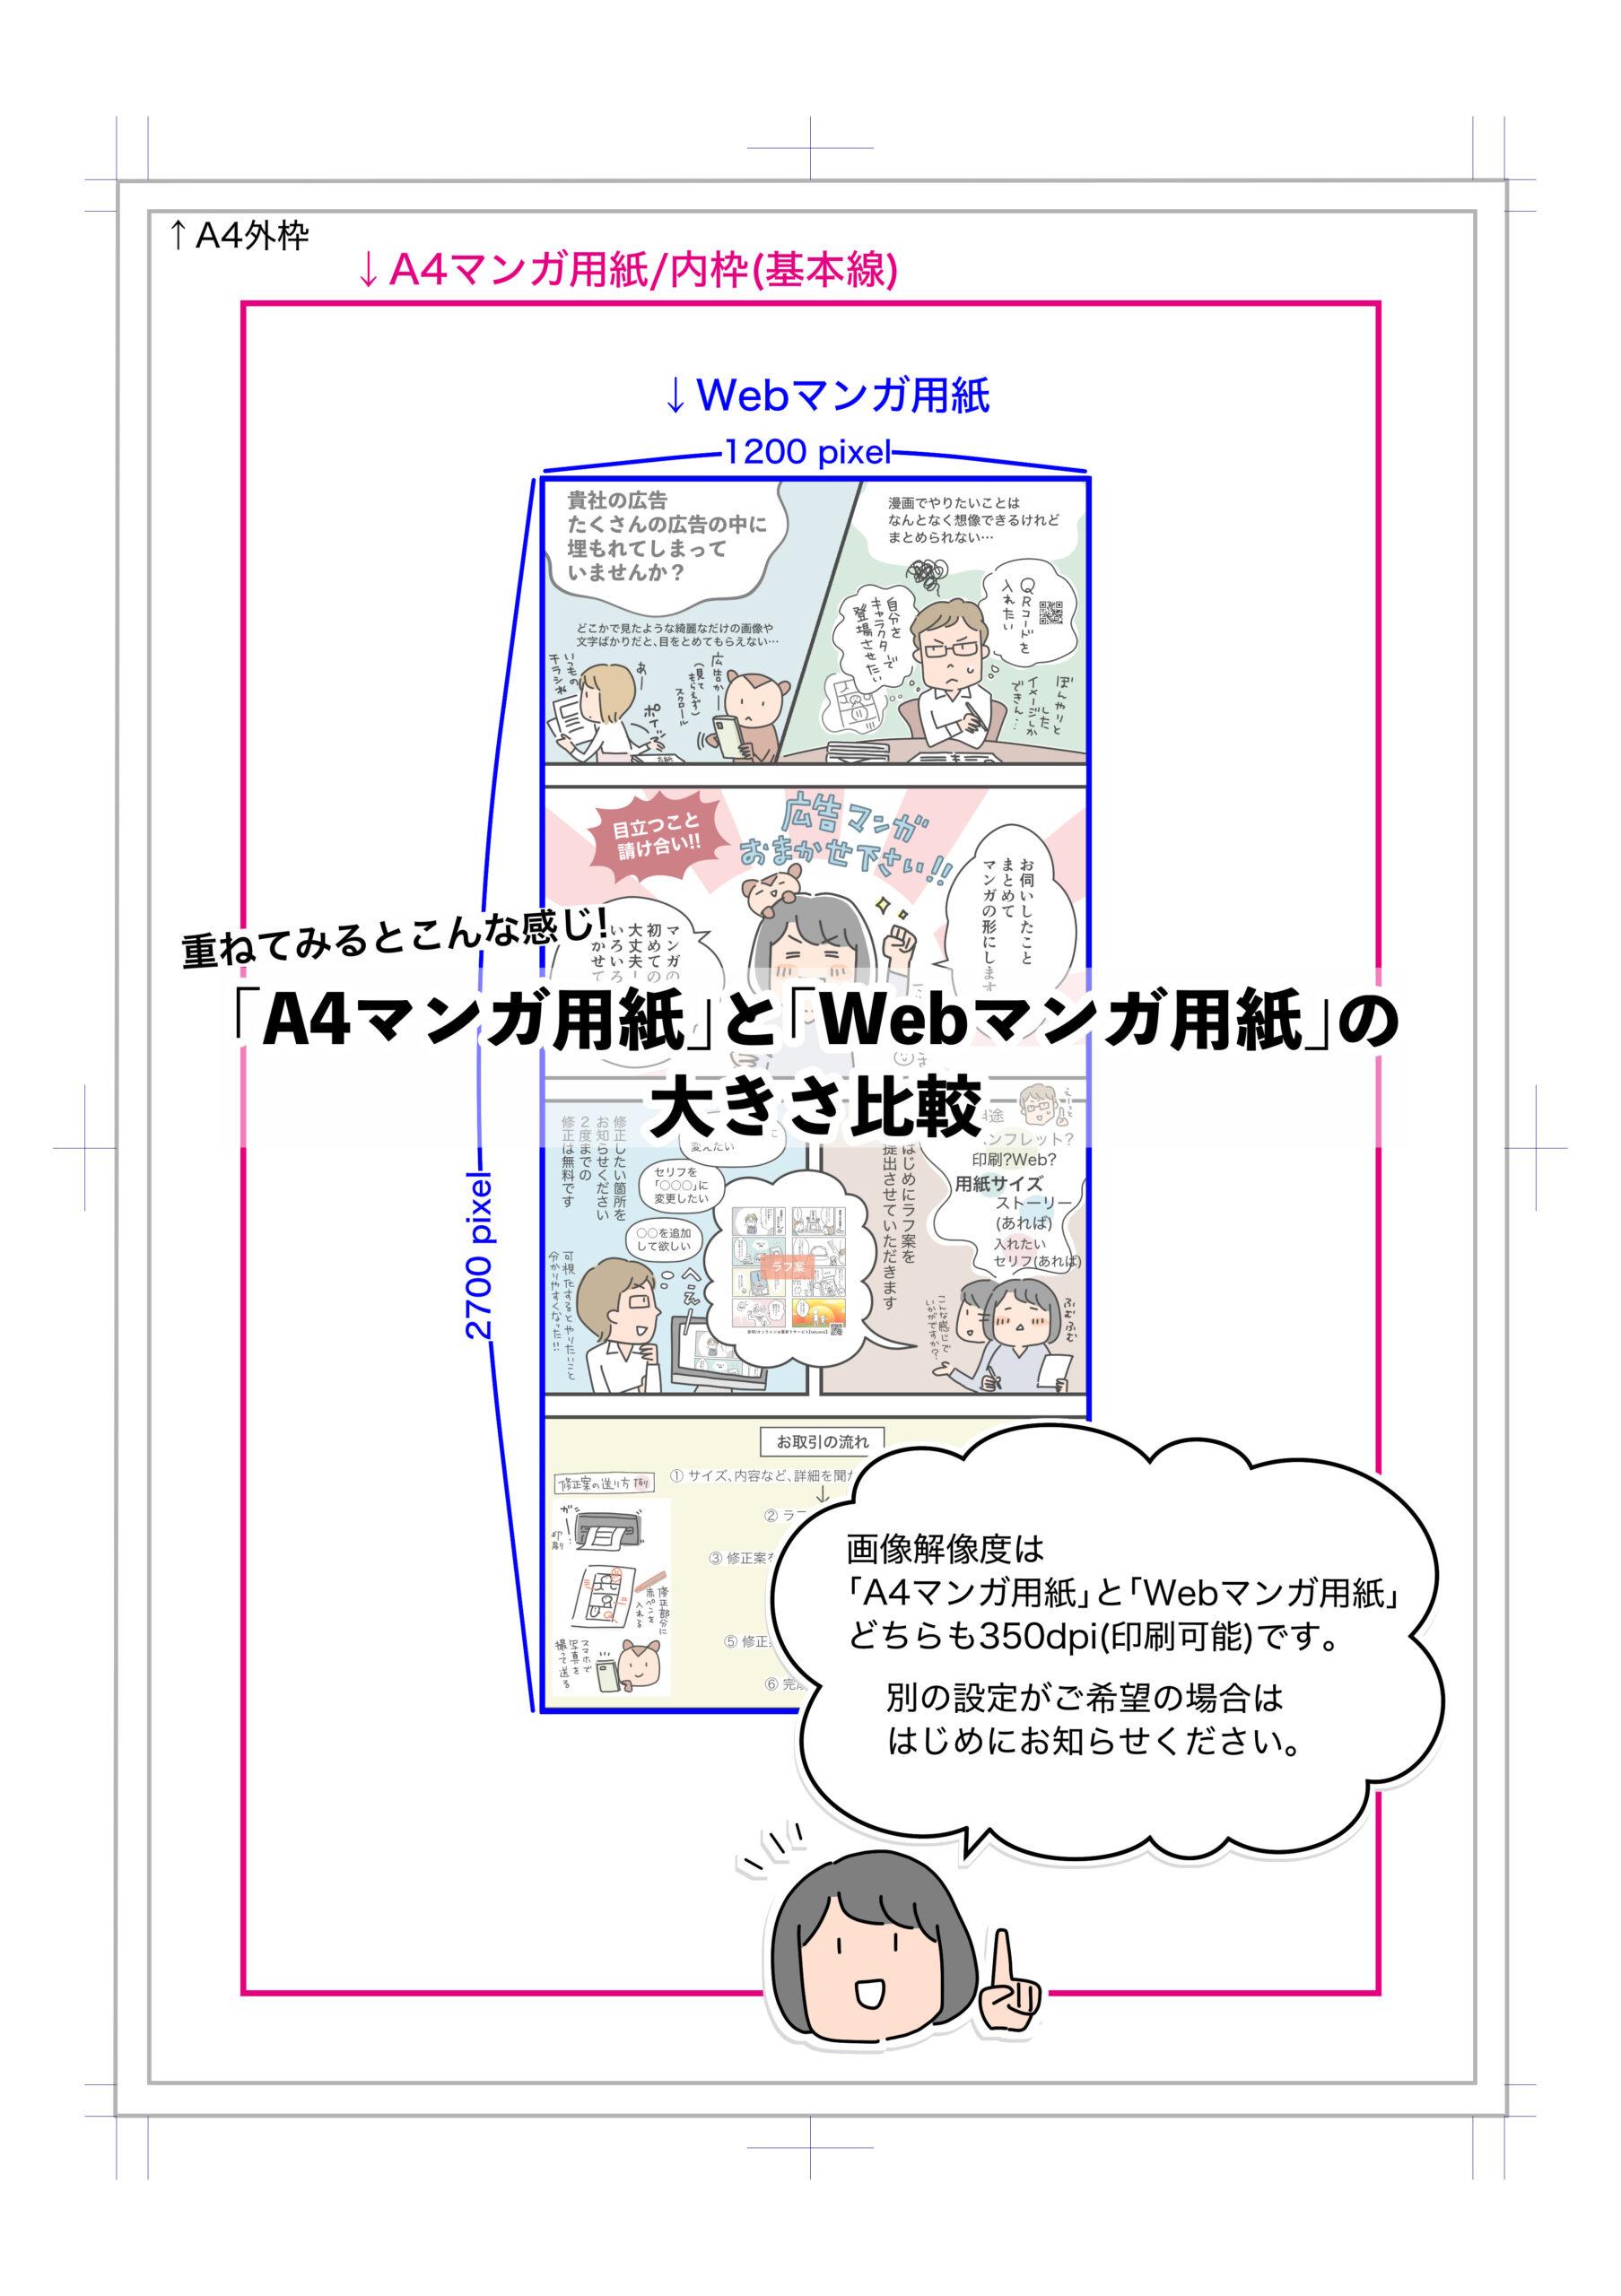 広告漫画・イラスト・似顔絵のご依頼の流れ/アトリエ・マツ